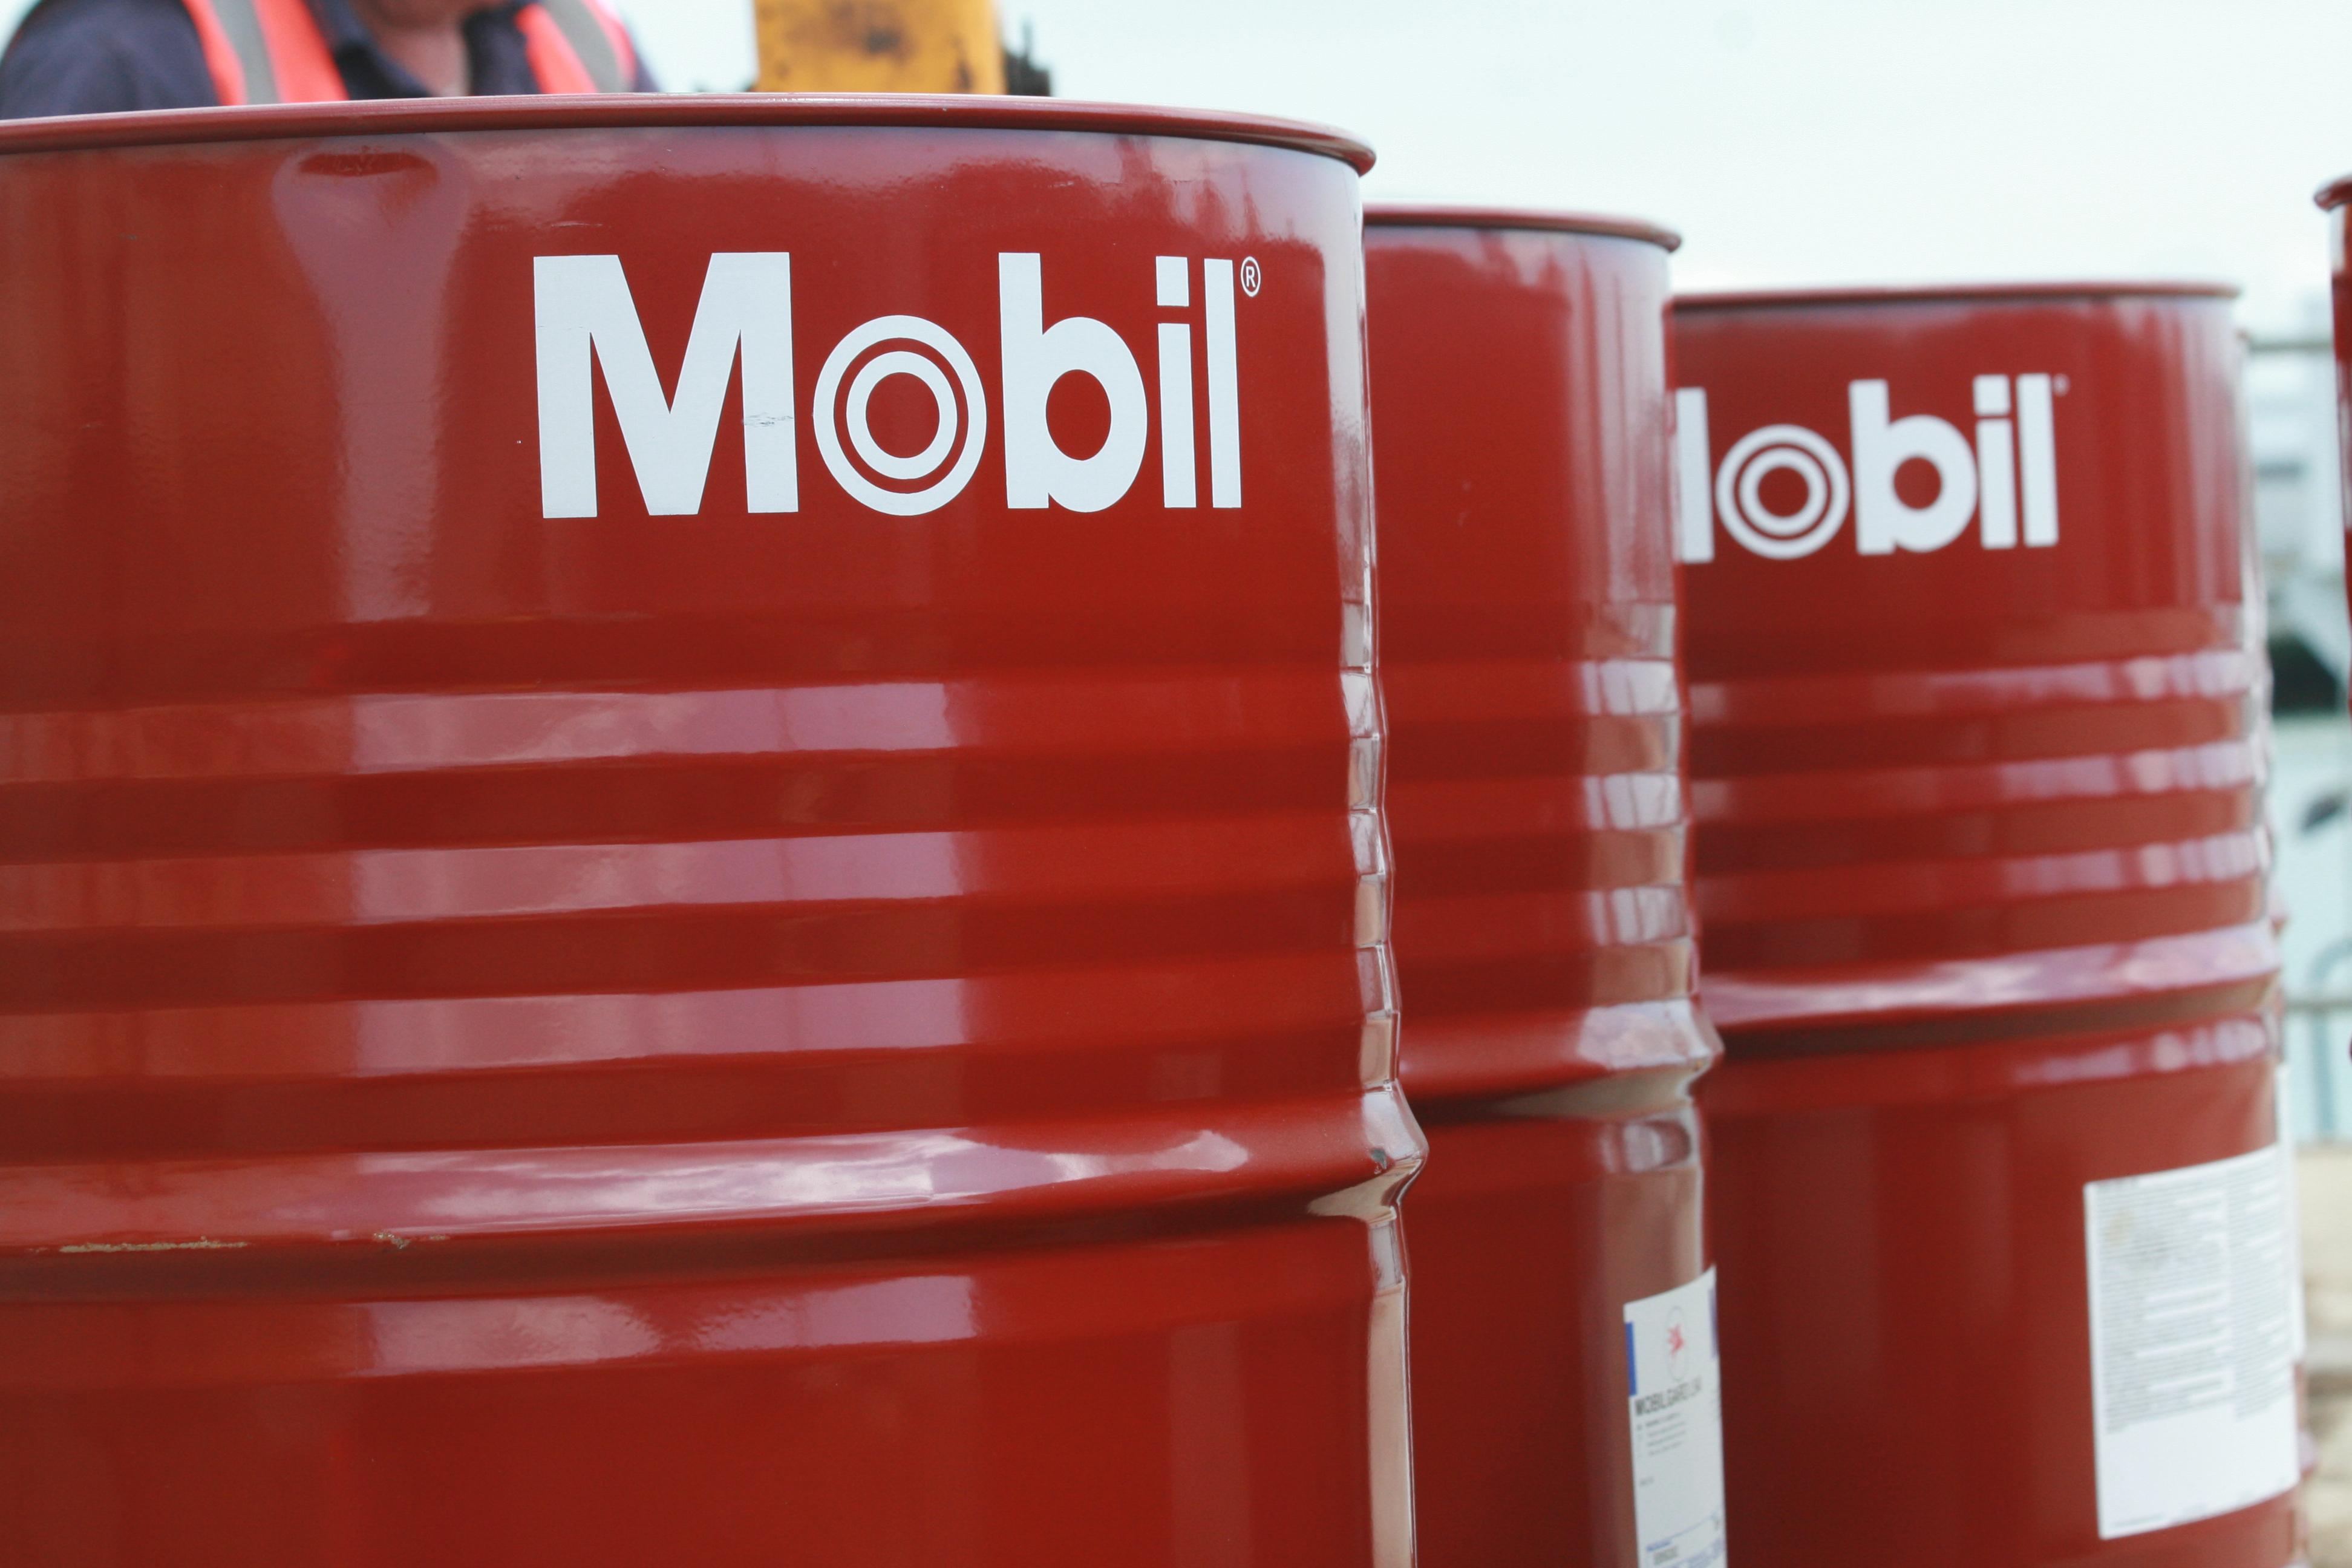 Mobil Lubricant Barrels